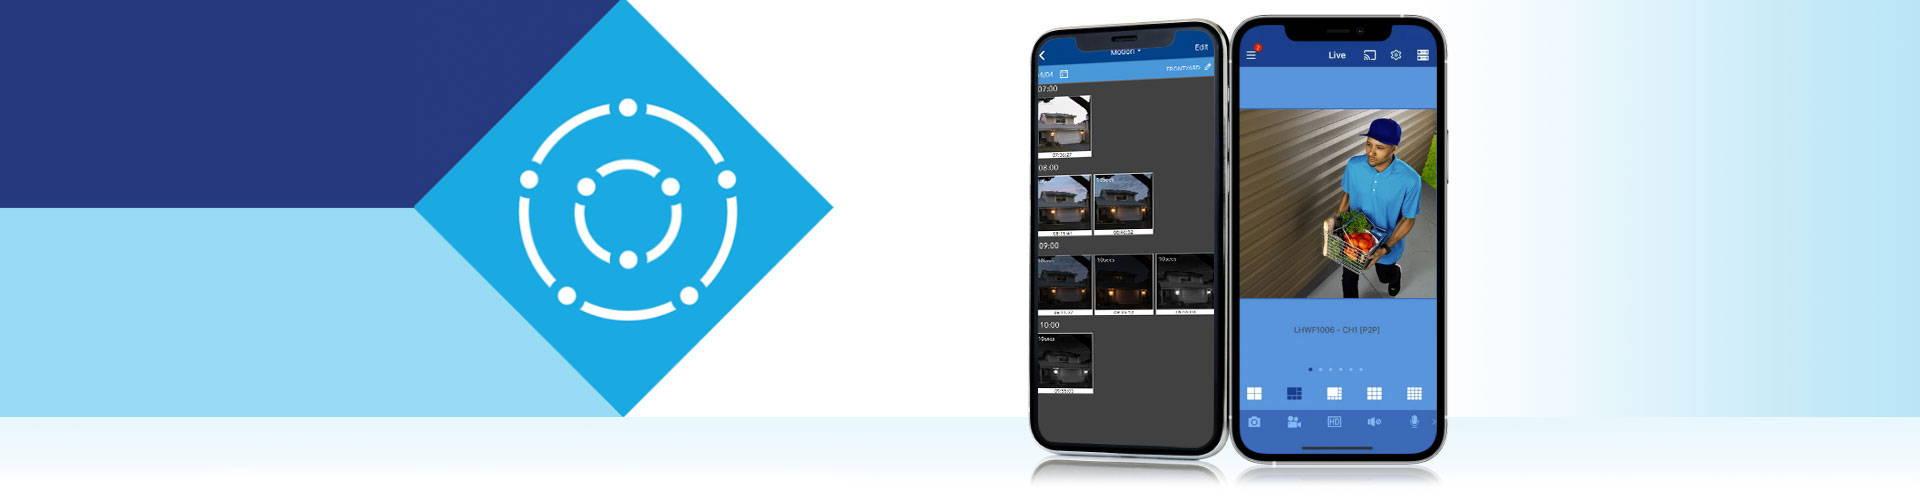 Lorex Cirrus Mobile App